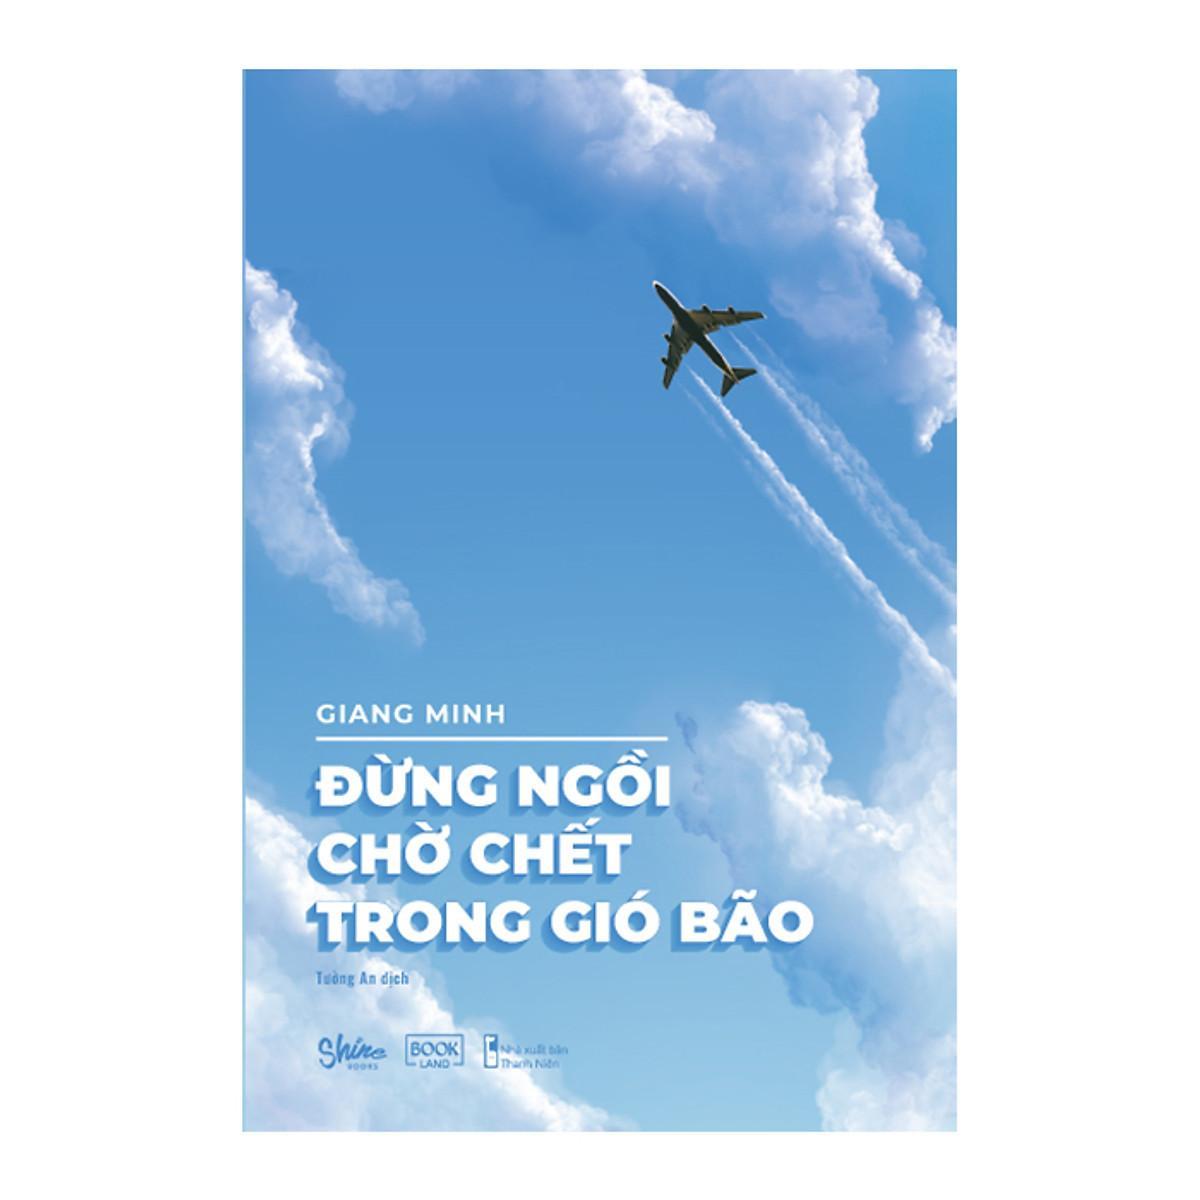 Đánh giá, review Sách Đừng ngồi chờ chết trong gió bão của Giang Minh